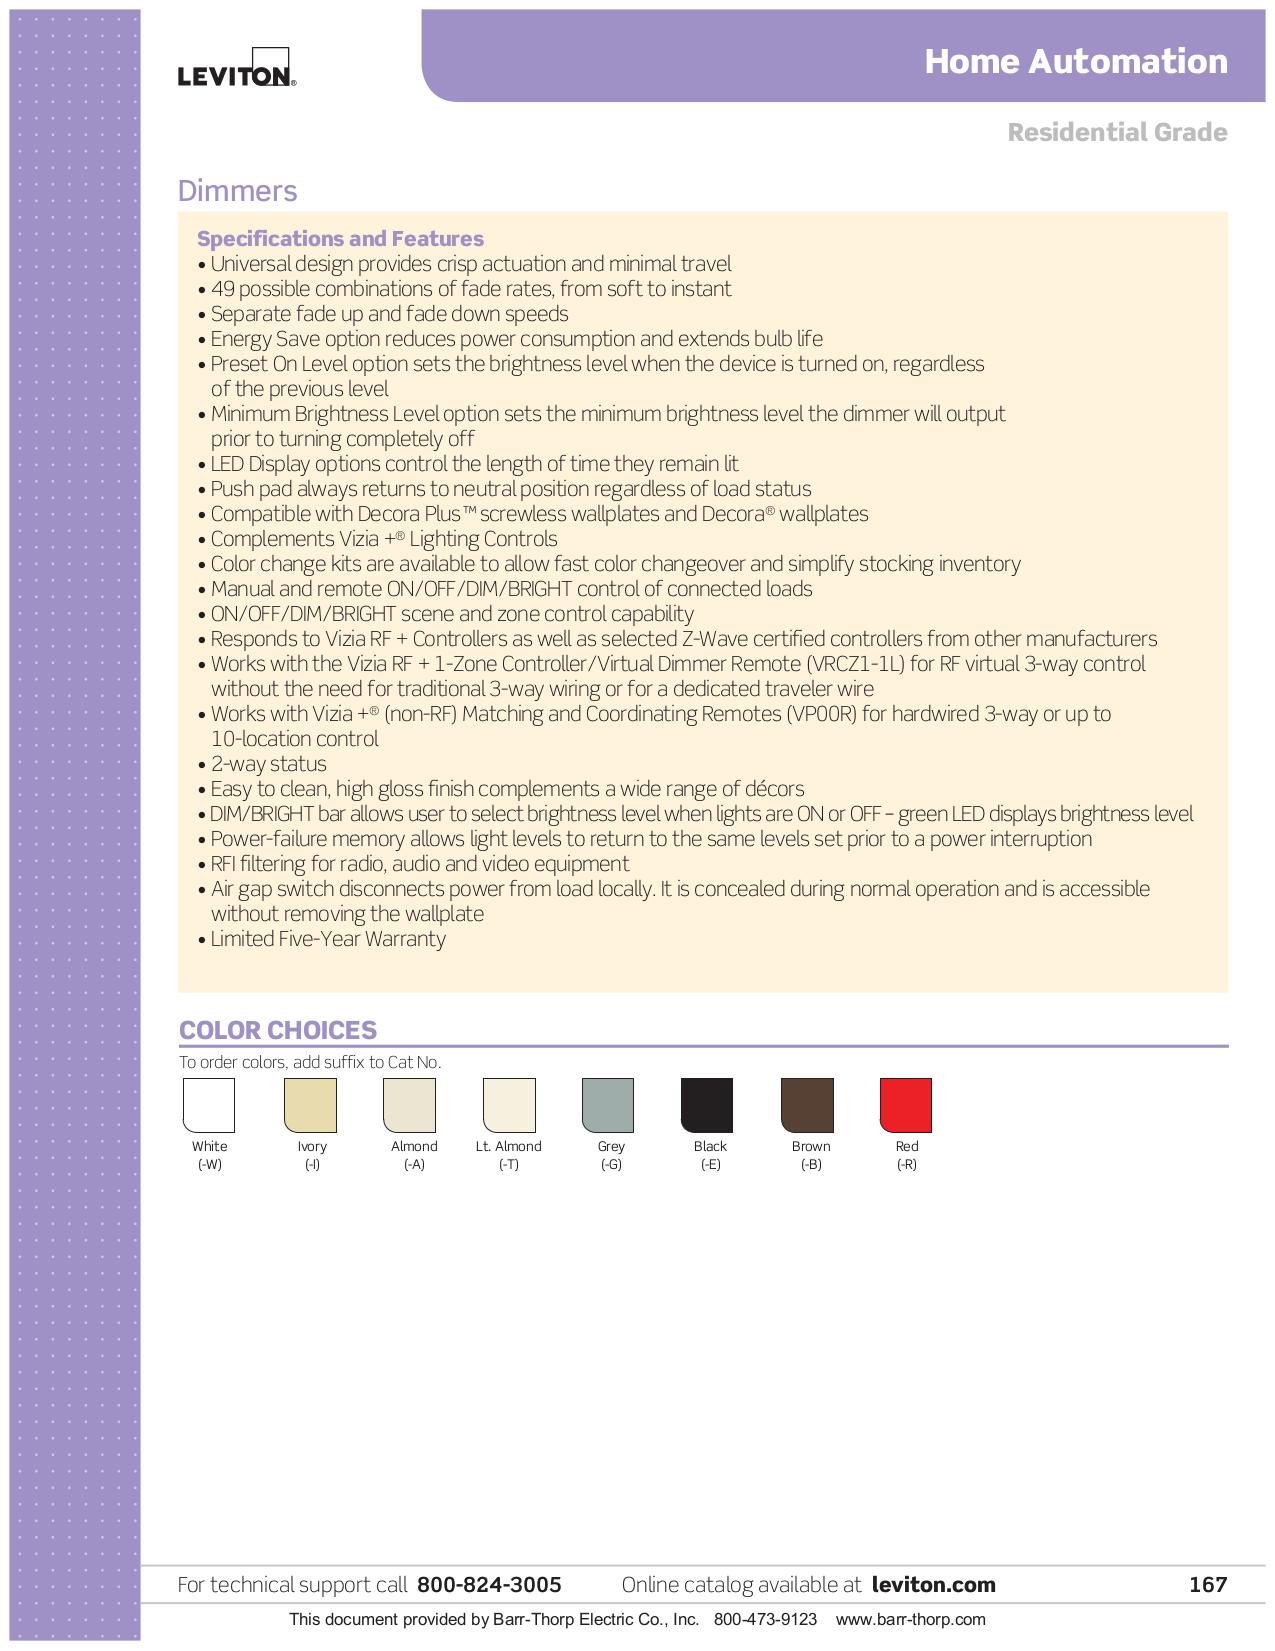 PDF manual for Leviton Remote Control HCCKR